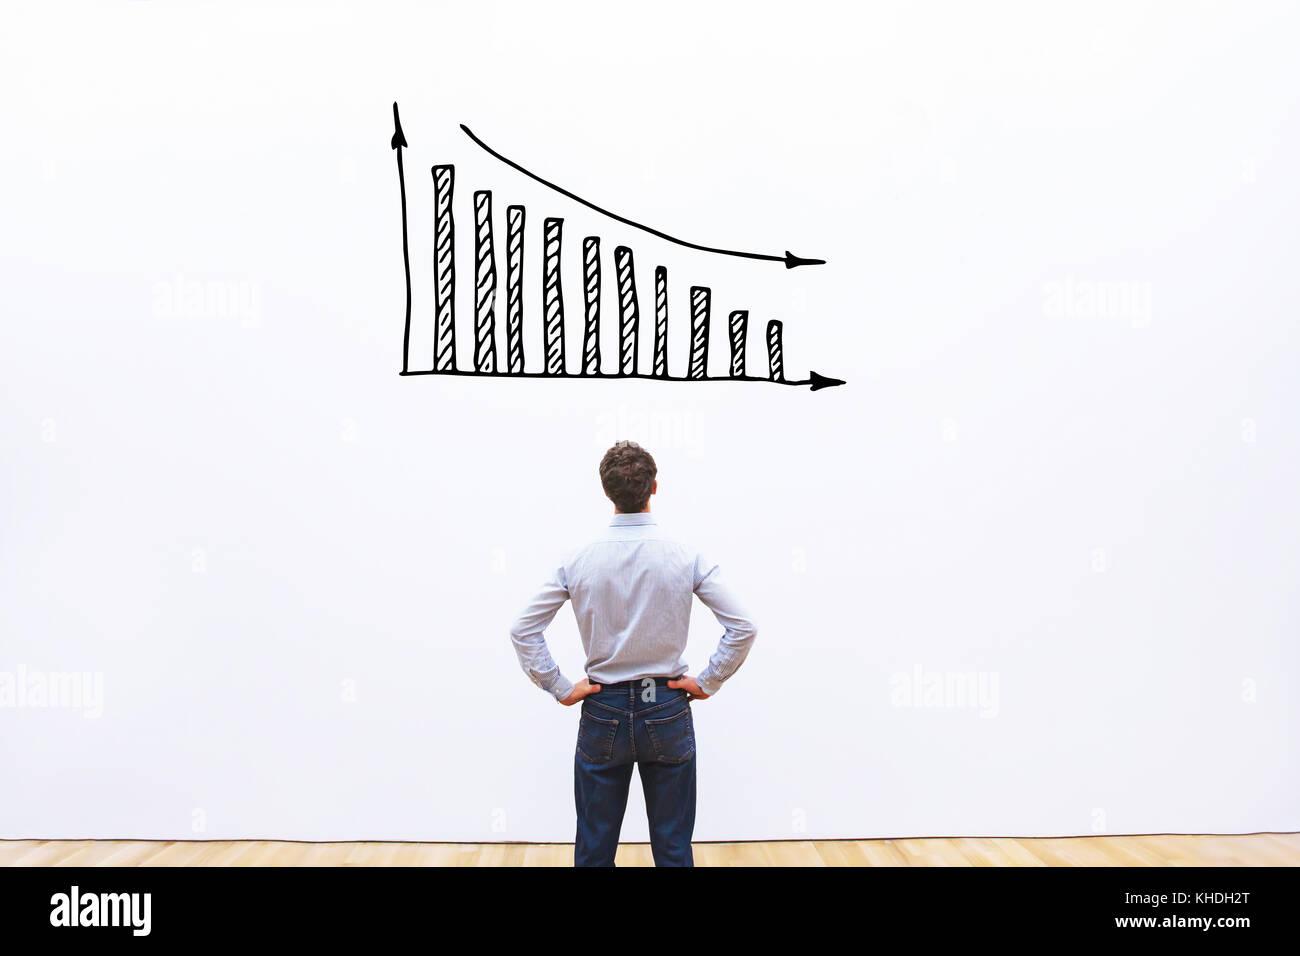 Rückgang von Umsatz und Gewinn, Konkurs, Geschäftskonzept, Finanzkrise in Unternehmen Stockbild